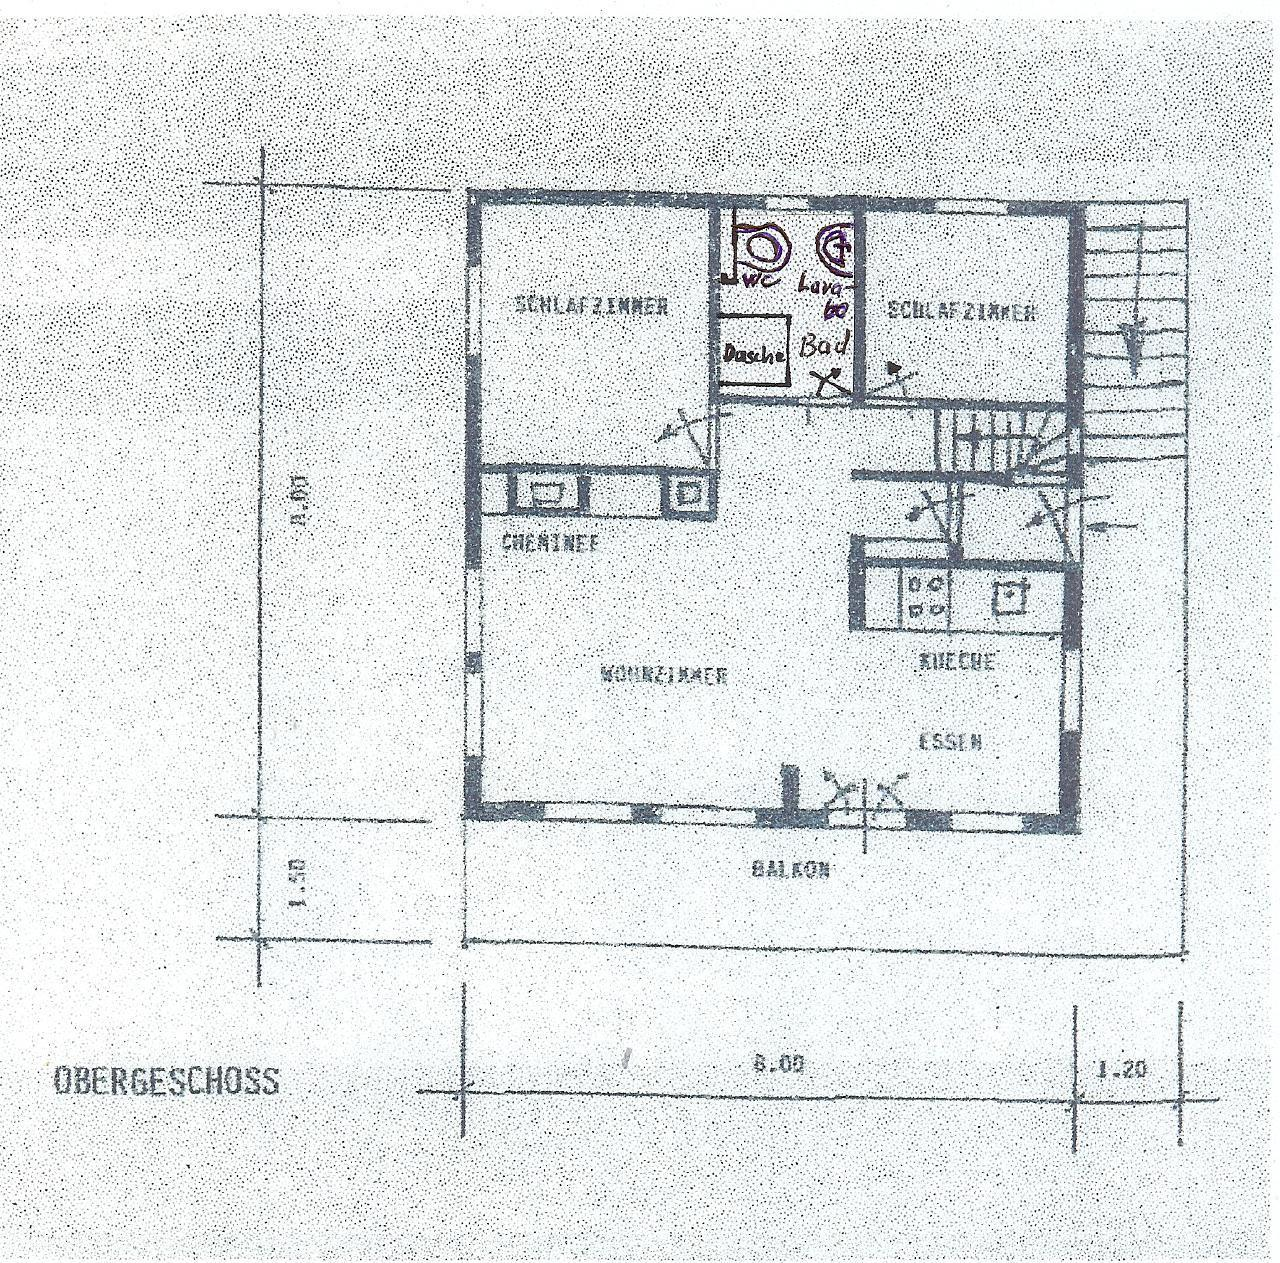 Appartement de vacances Chalet Stefanino, 3 1/2 Zimmer (487097), Bellwald, Aletsch - Conches, Valais, Suisse, image 30